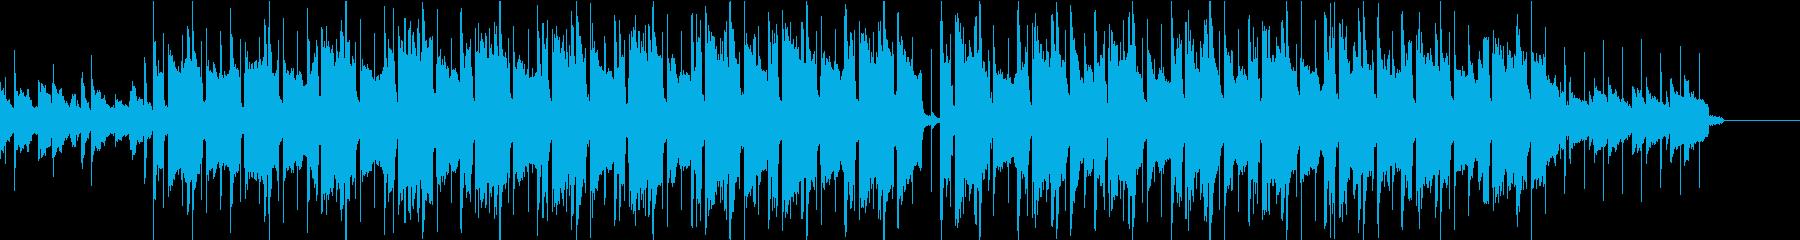 メロディーがかっこいい動画用BGMの再生済みの波形